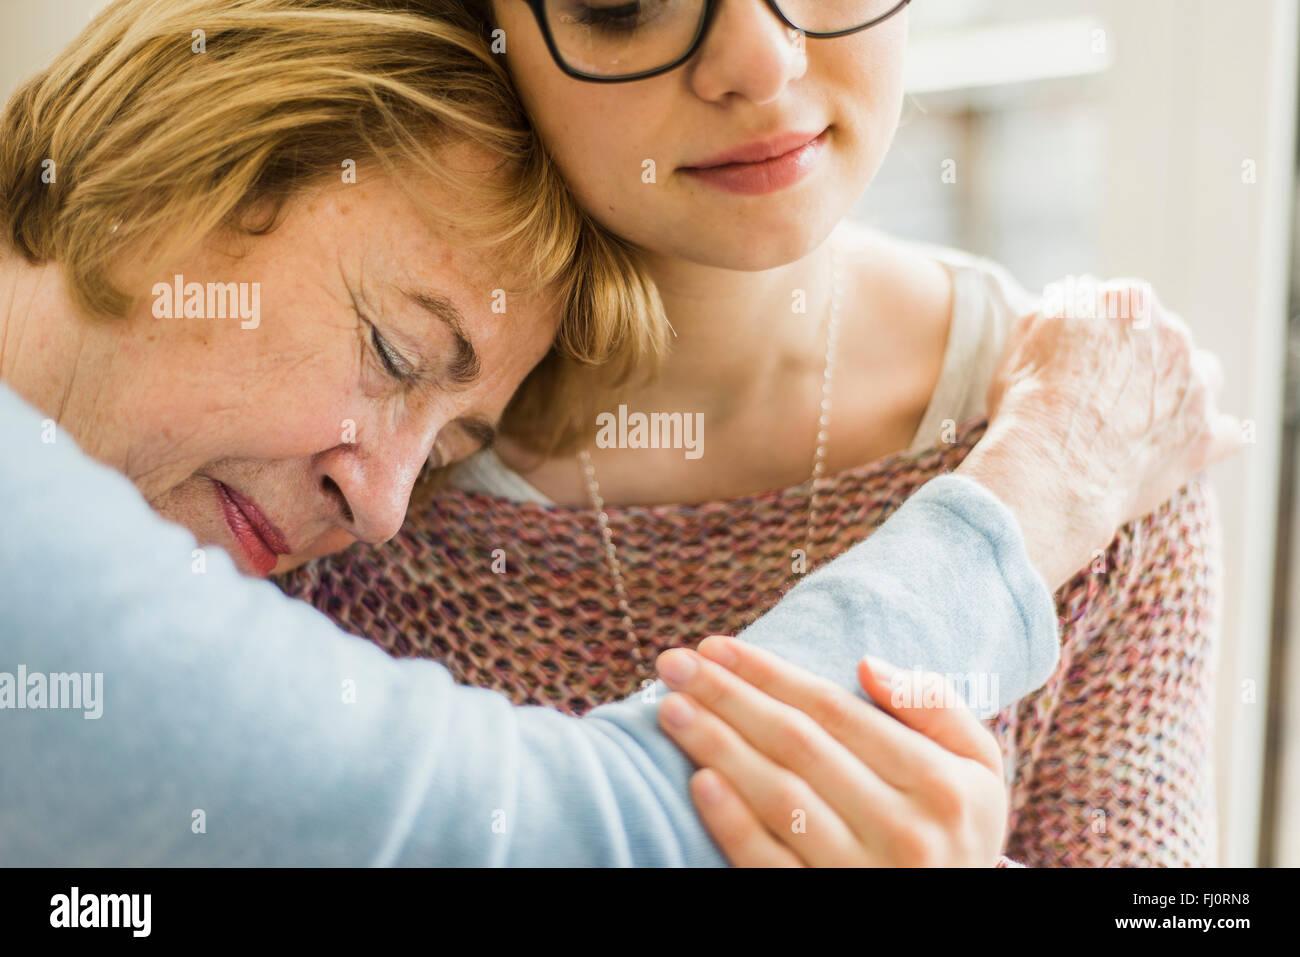 Senior woman with closed eyes appuyé contre l'épaule de la jeune femme Photo Stock